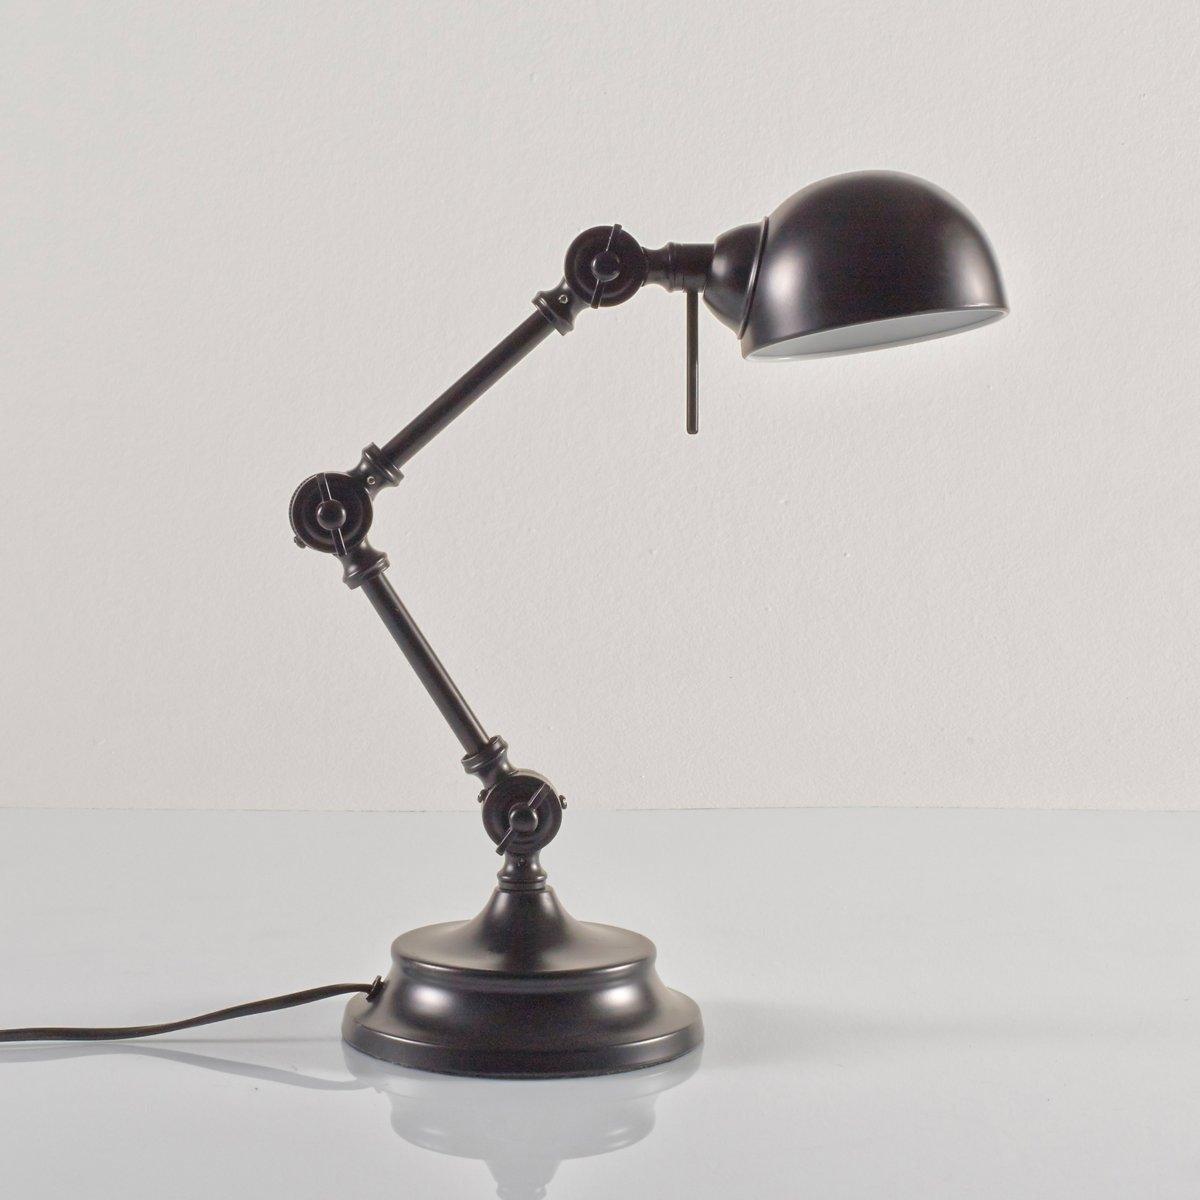 Лампа настольная из металла в промышленном стиле, KikanНастольная лампа немного в стиле ретро, Kikan. Описание настольной лампы из металла в промышленном стиле Kikan :Раздвижной кронштейн из 3 регулируемых шарниров. Патрон E14 для компактной флуоресцентной лампы макс. 7 Вт (продается отдельно). Настольная лампа из металла в промышленном стиле совместима с лампами класса энергопотребления : A.  Характеристики настольной лампы из металла в промышленном стиле Kikan :Из металлаХромированное покрытие черного цвета или цвета синий деним. Всю коллекцию светильников вы можете найти на сайте laredoute.ru.  Размеры настольной лампы из металла в промышленном стиле Kikan :Подставка :Диаметр : 16 смАбажур : Диаметр : 11,5 смОбщие размеры :Высота : 40 см.<br><br>Цвет: серо-зеленый,черный